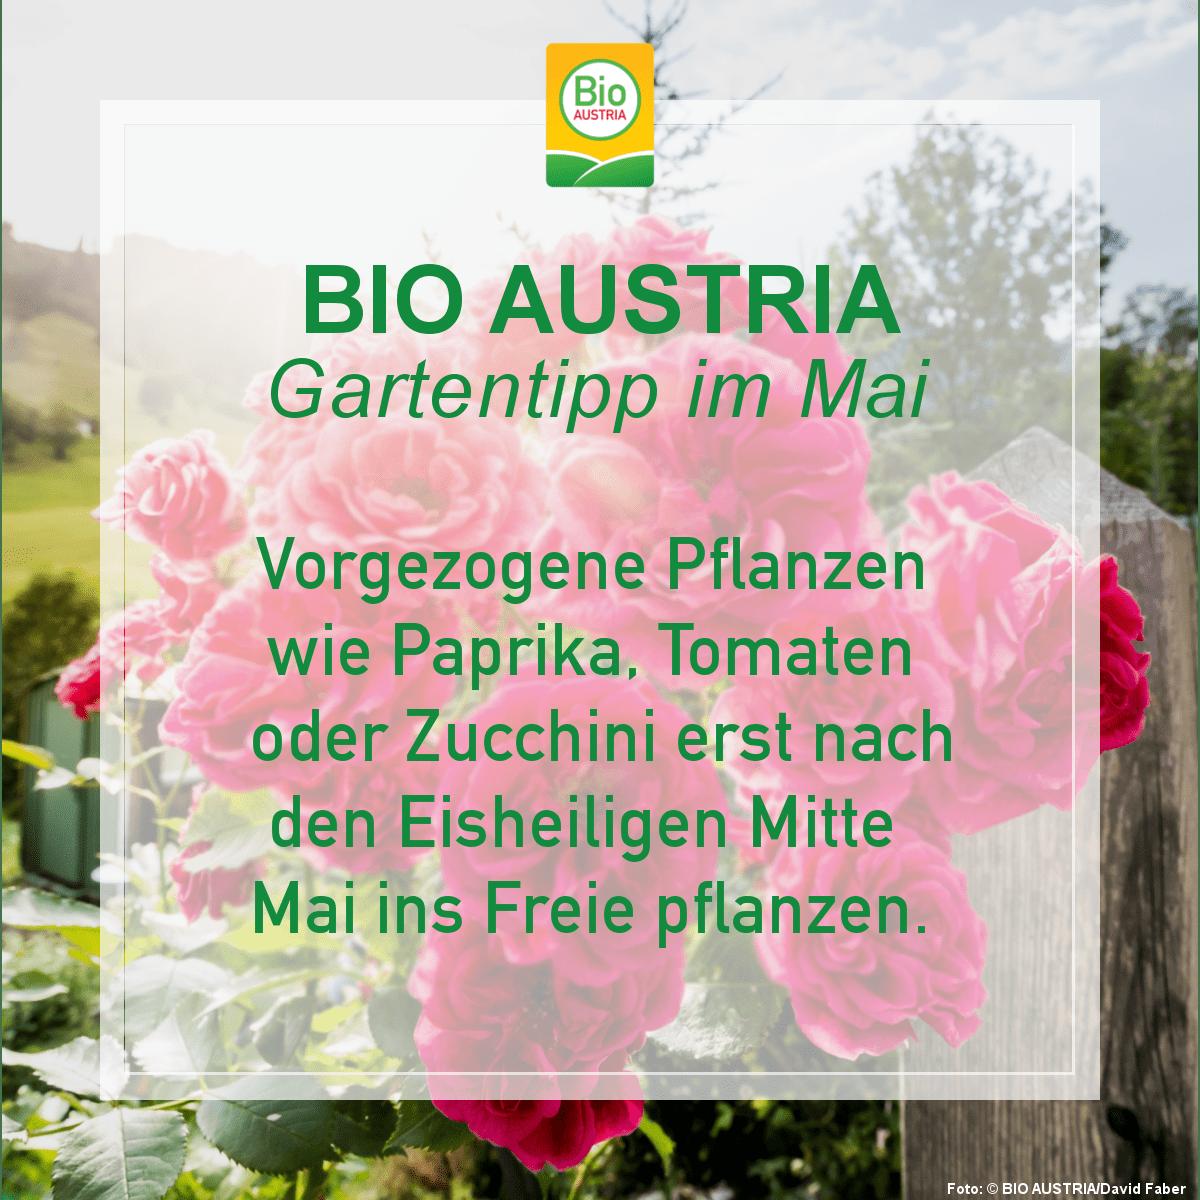 Gartentipp im Mai Vorgezogene Pflanzen nicht vor Eisheiligen auspflanzen